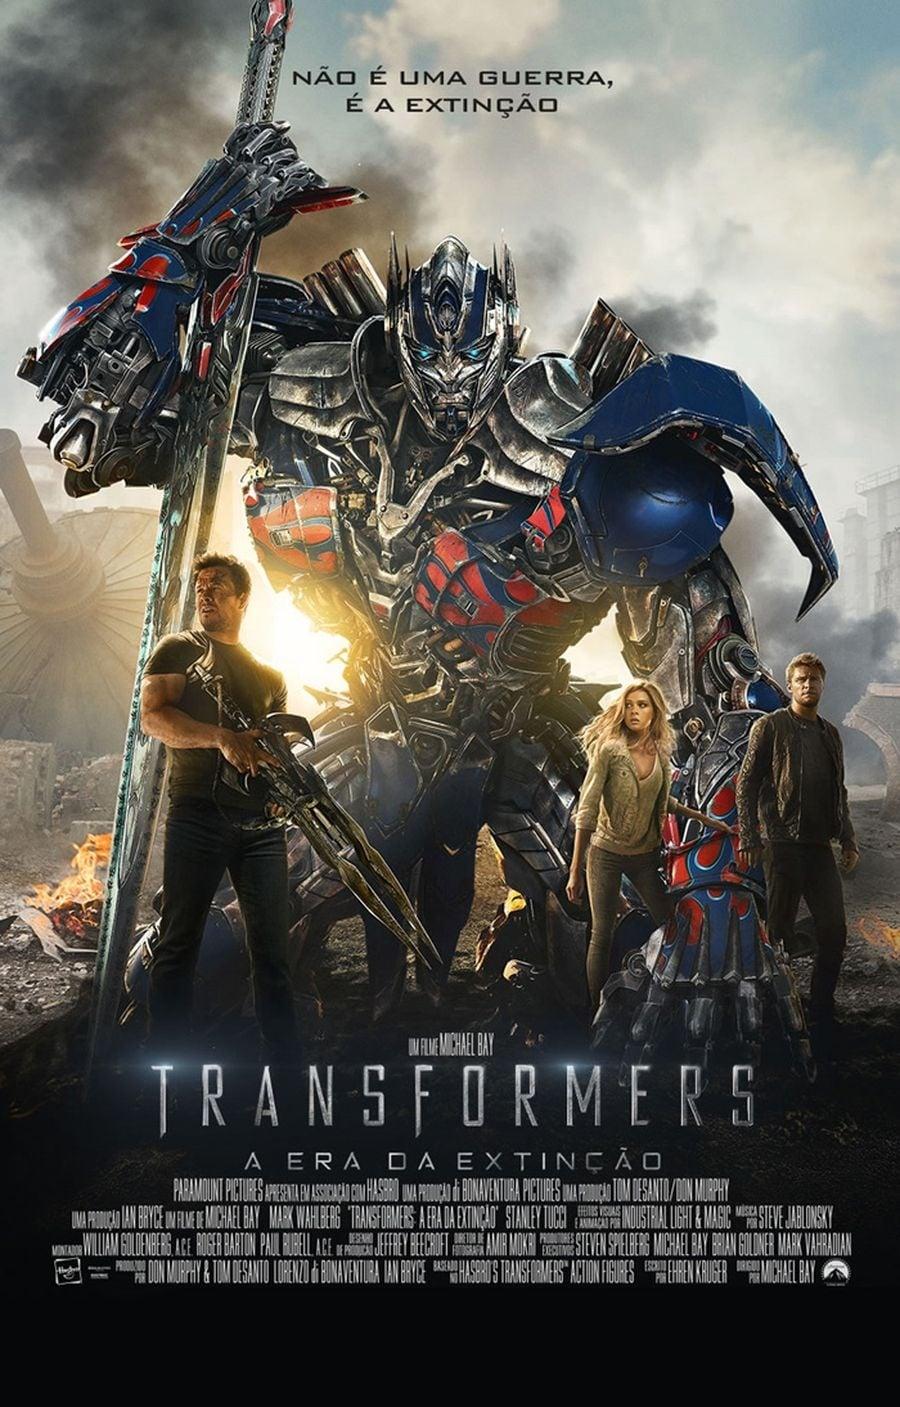 Imagem Transformers: A Era da Extinção